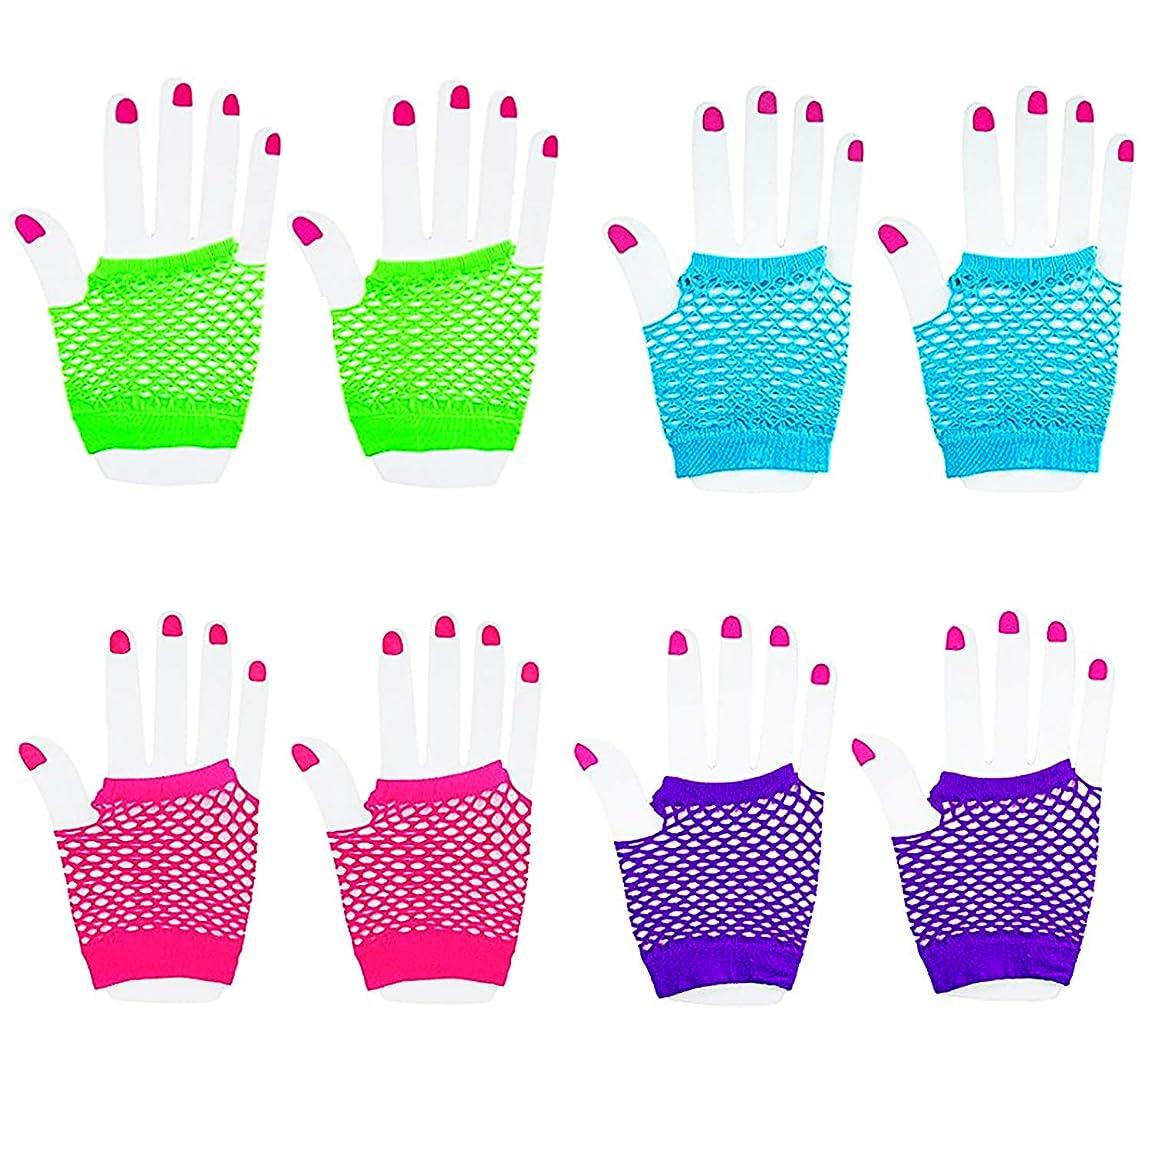 配るギャンブルあざ(Pack of 12 Pairs) - [Novelty Place] Fingerless Diva Fishnet Wrist Gloves Assorted Neon Colours (12 Pairs)